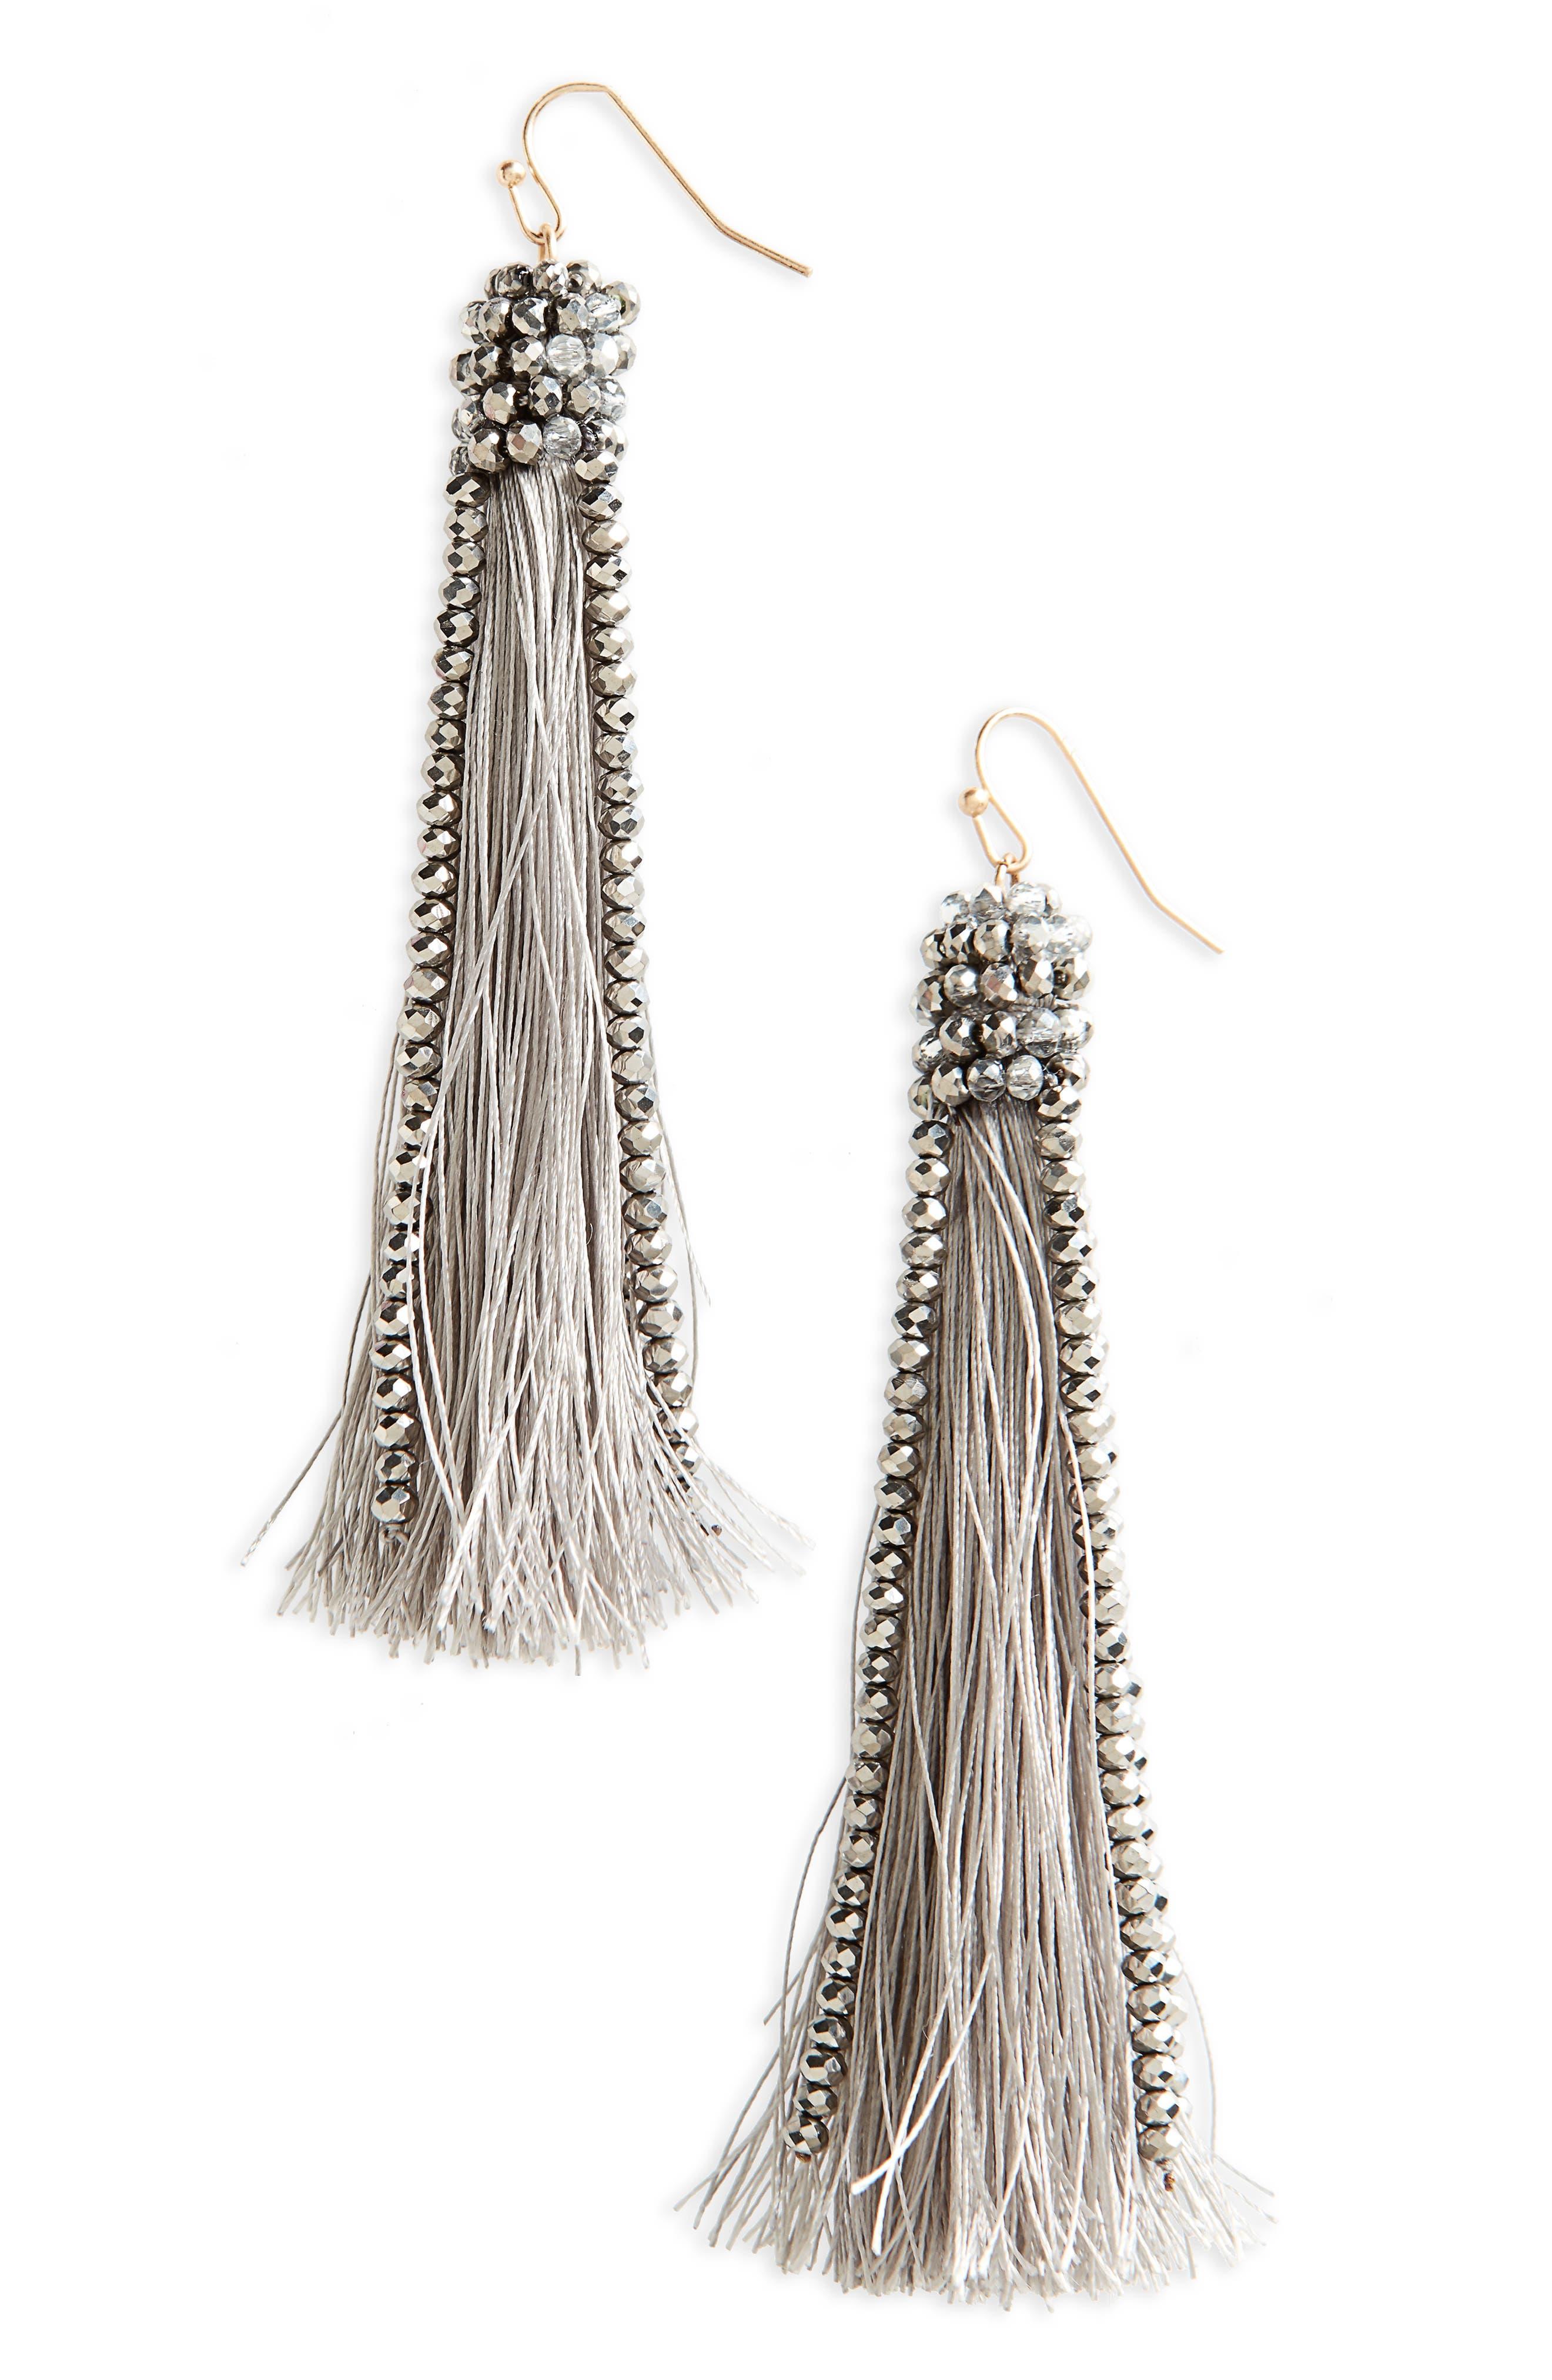 Beaded Tassel Earrings,                             Main thumbnail 1, color,                             040